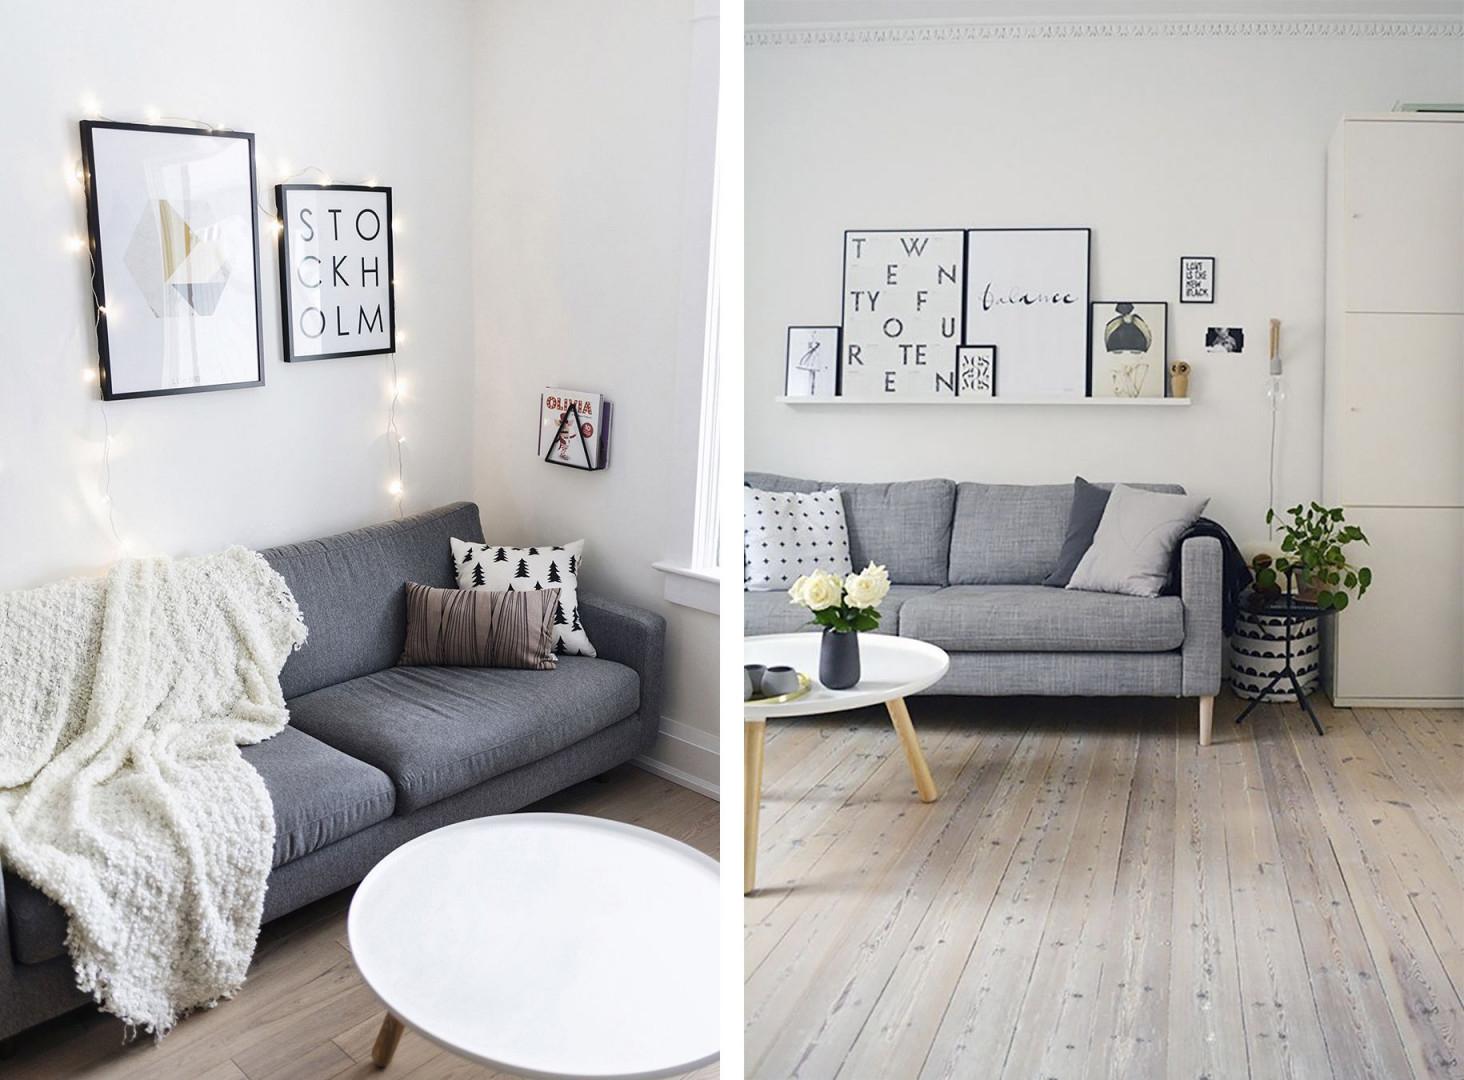 60 Erstaunliche Licht Grau Wohnzimmer Ideen  Dekomobel von Wohnzimmer Ideen Grau Photo